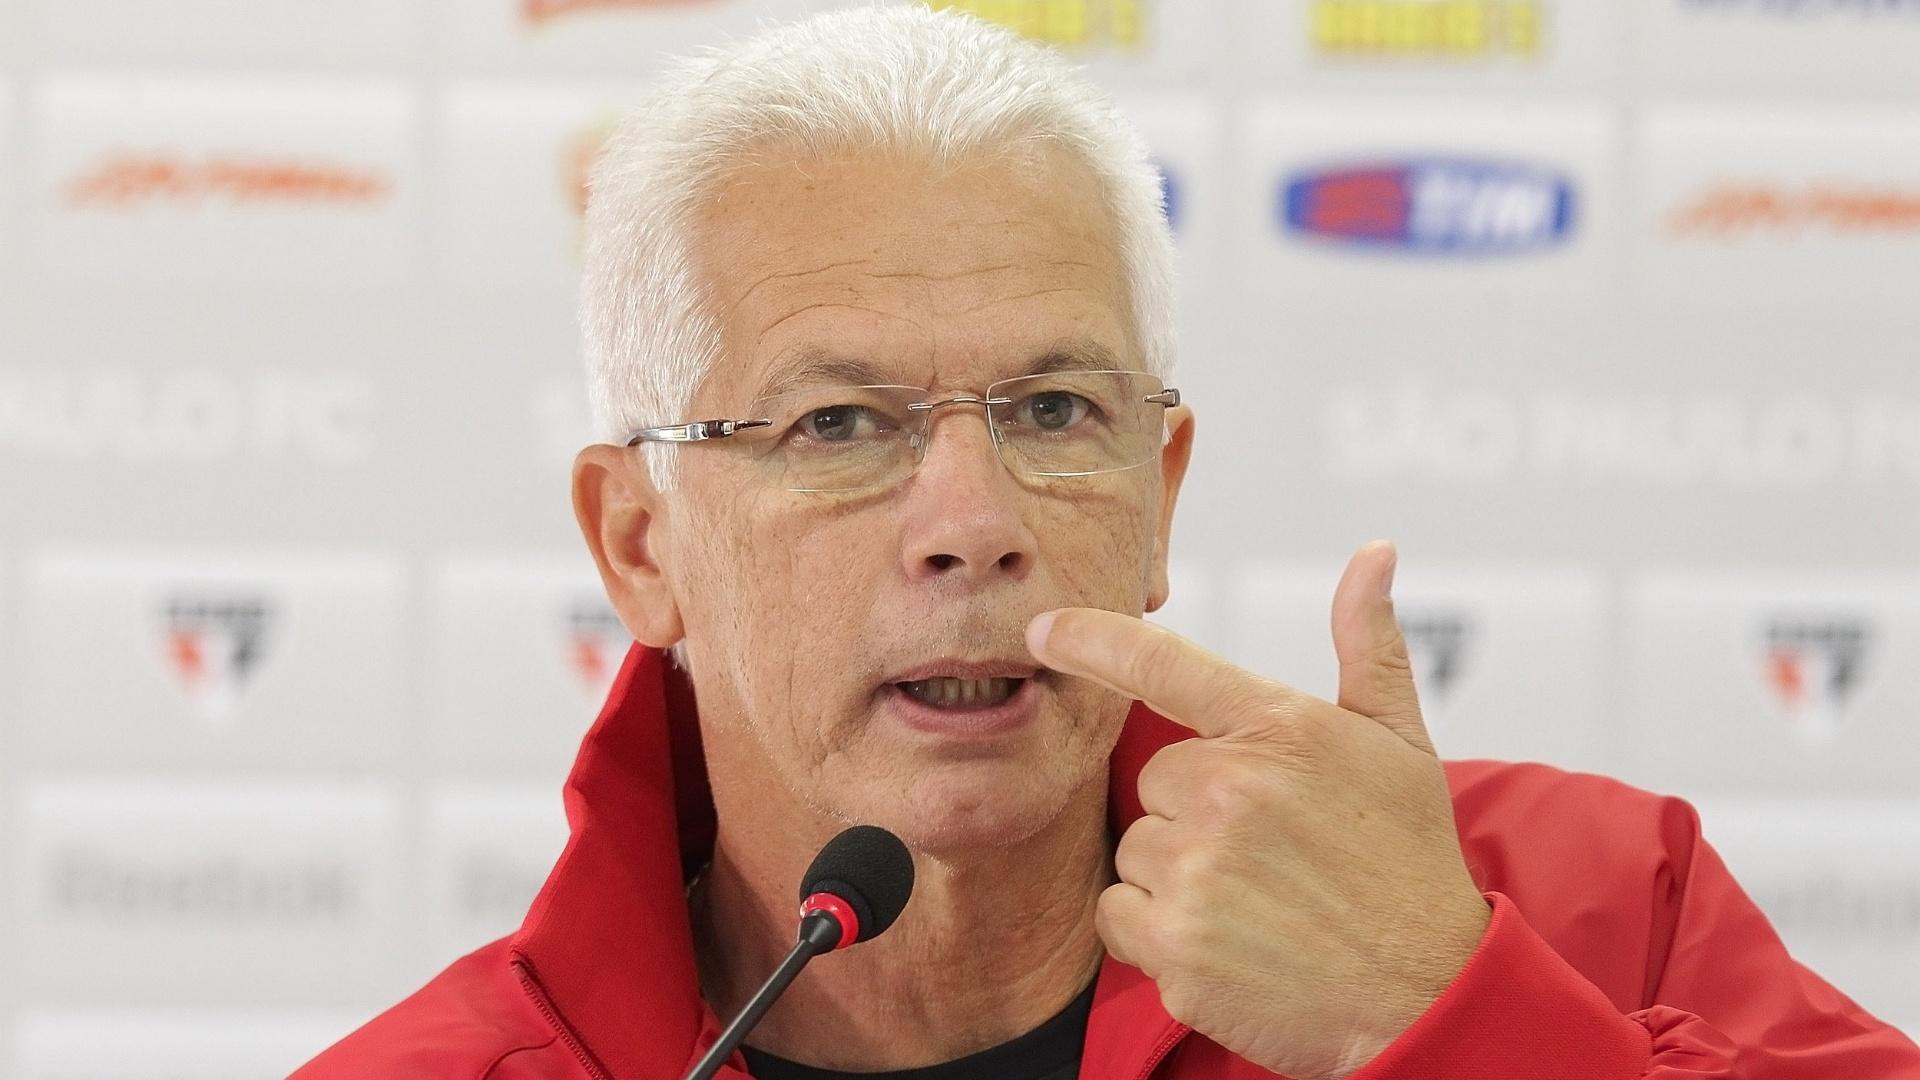 Leão concede entrevista para anunciar que foi demitido do São Paulo